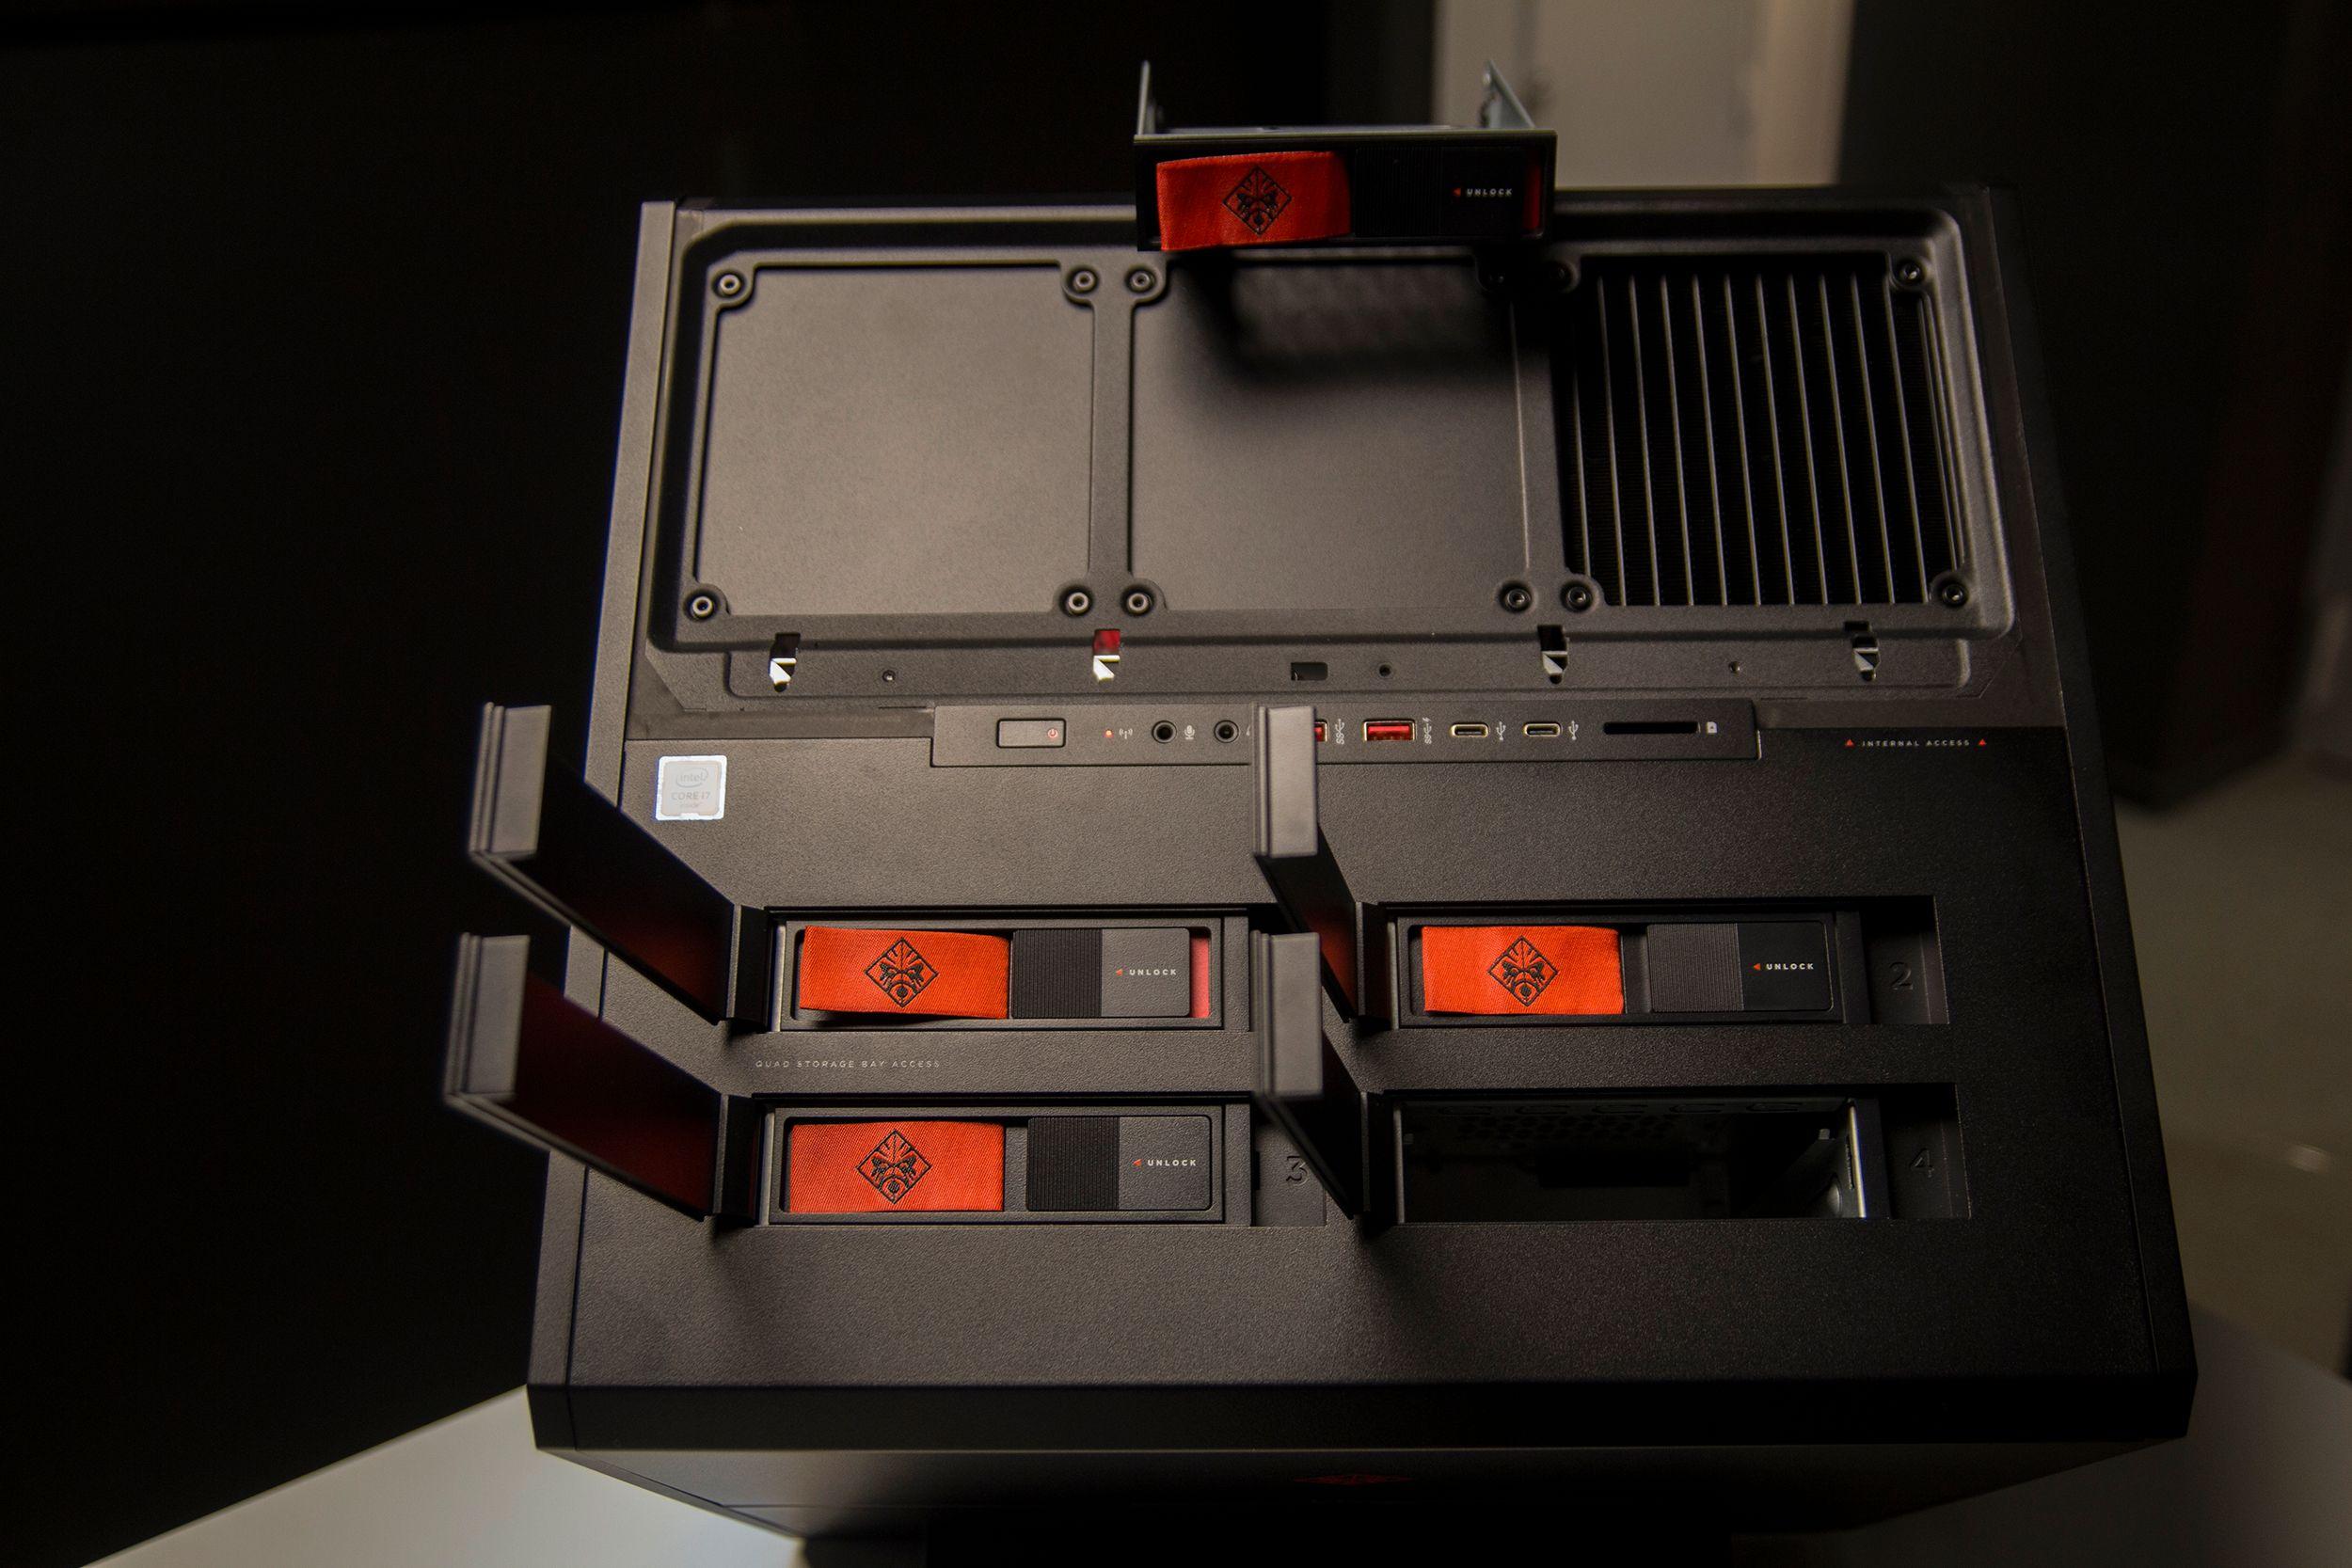 Harddisker kan mates inn og ut av egne luker i kabinettet ved hjelp av Hot Swap. Helt kabelfritt er det også.